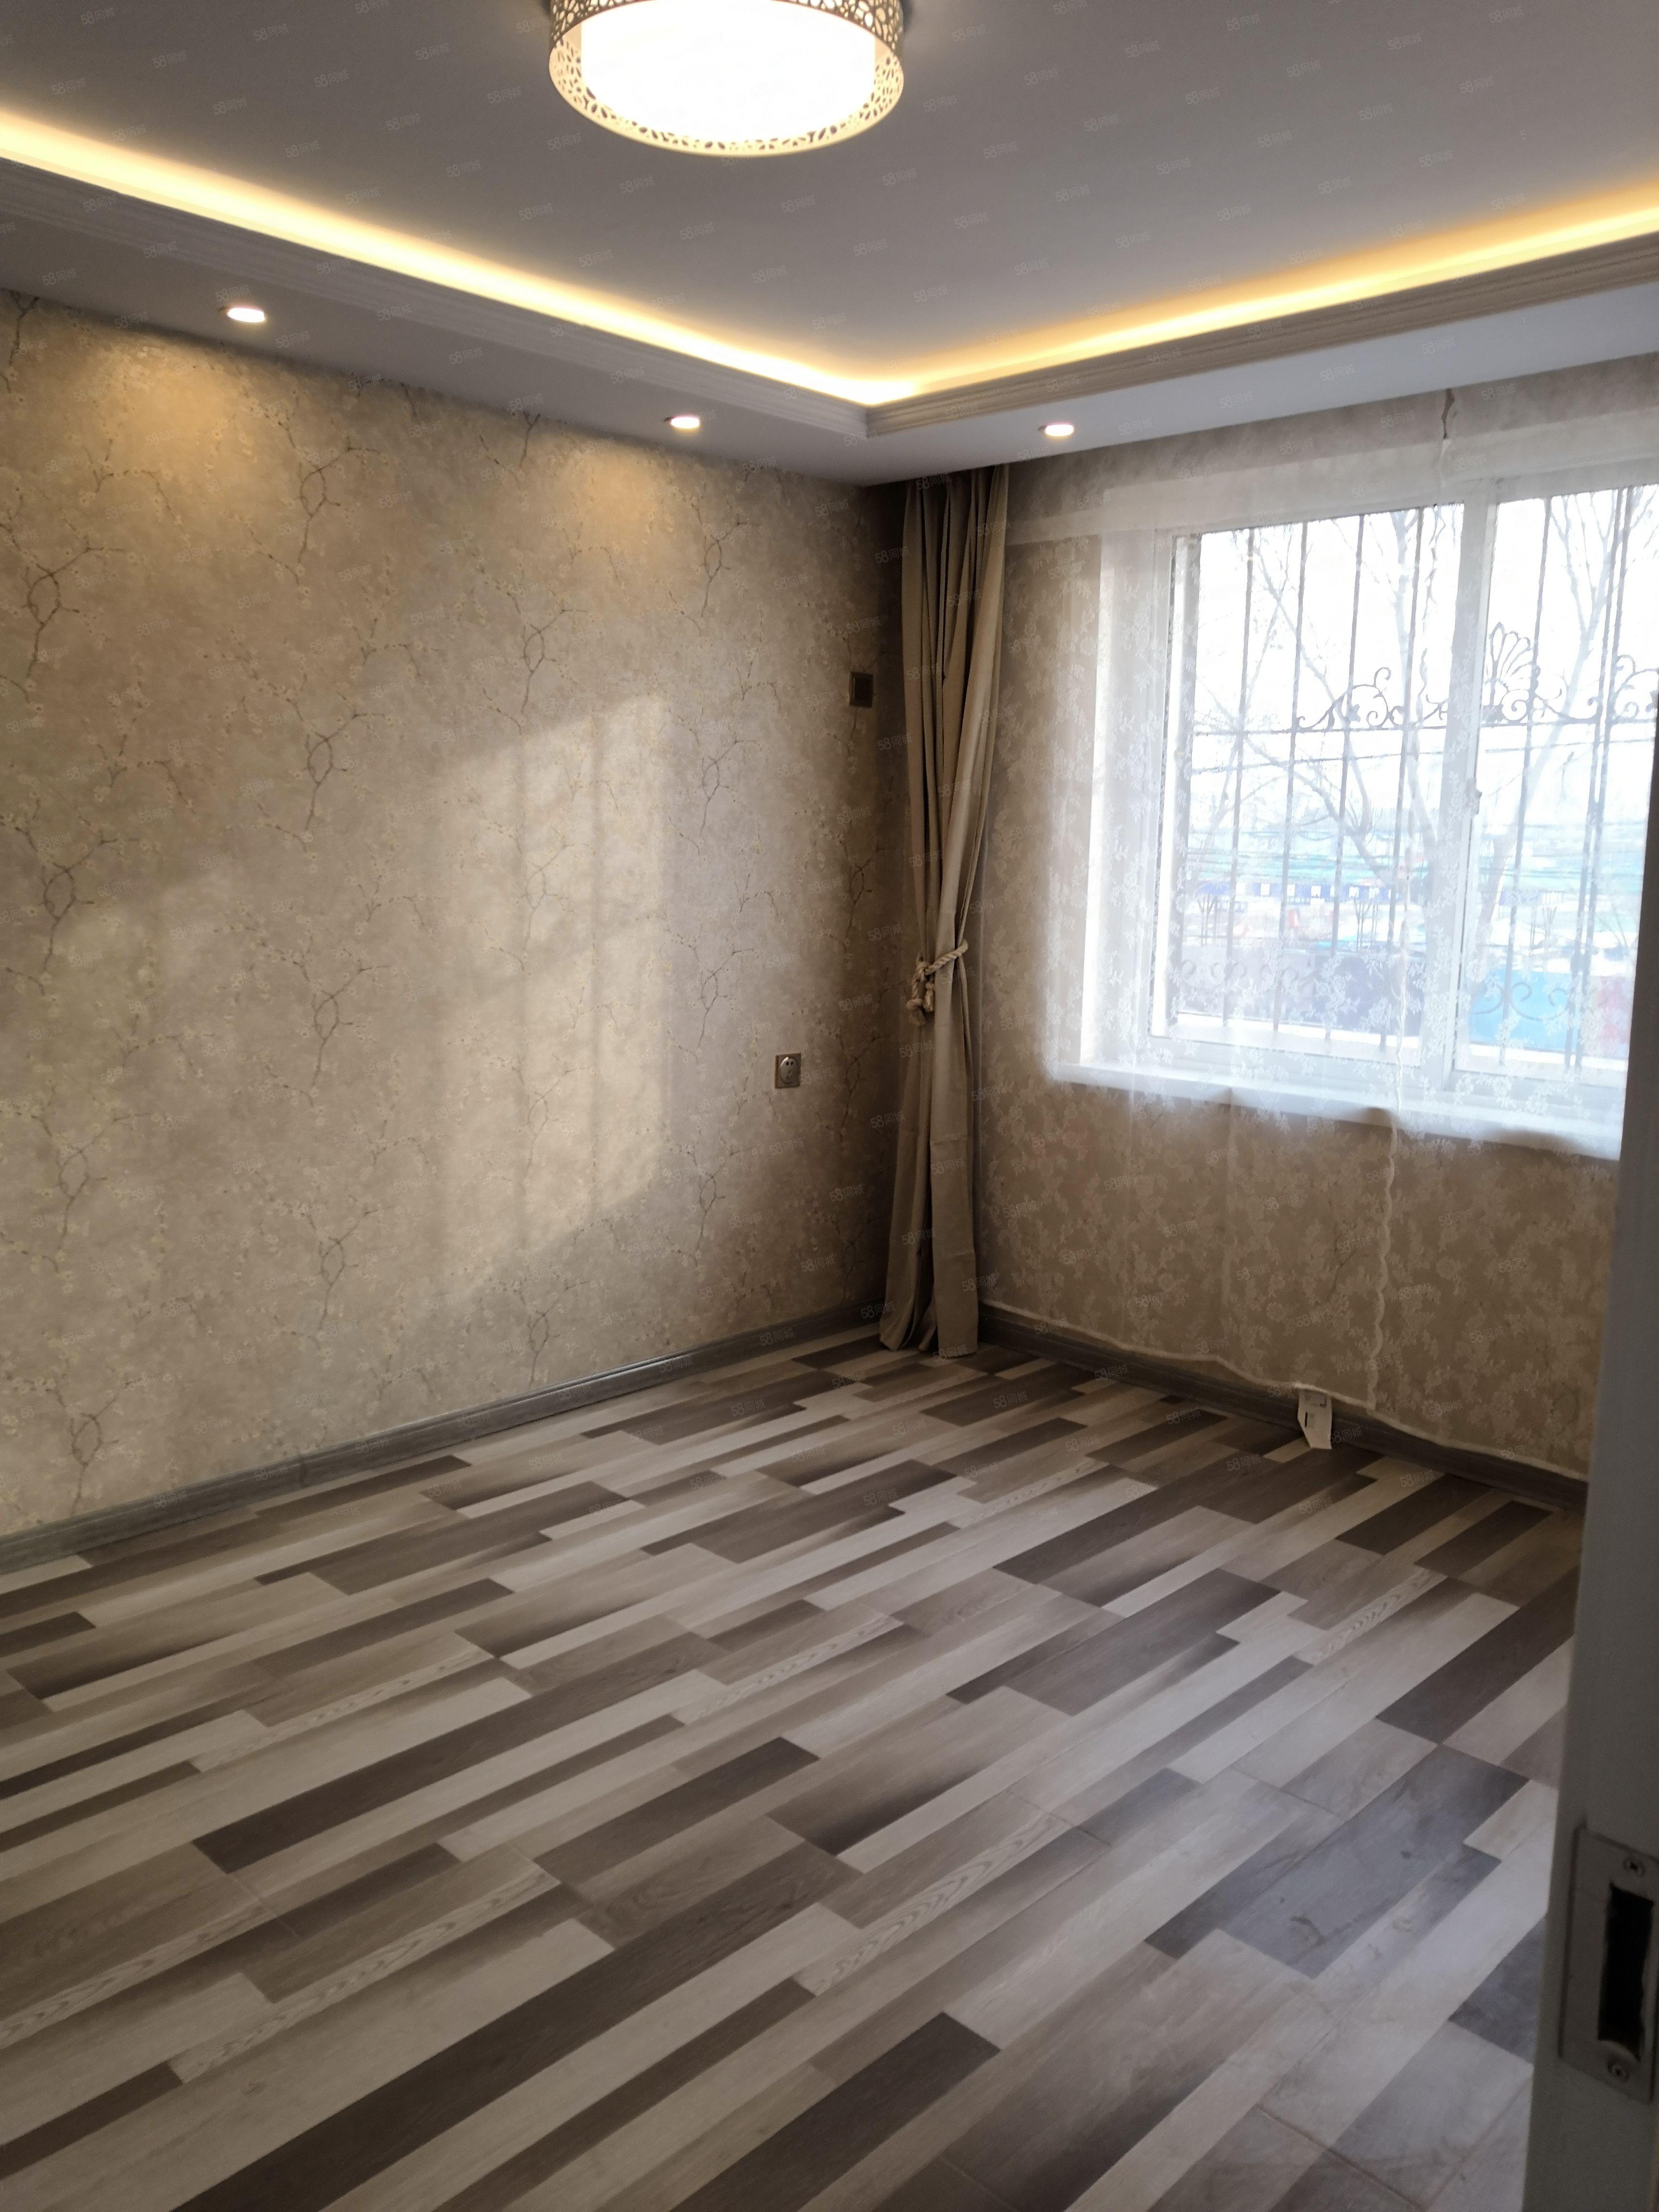 盛世新城2楼40平米一室一厅东厢房豪华装修可以公积金贷款出售